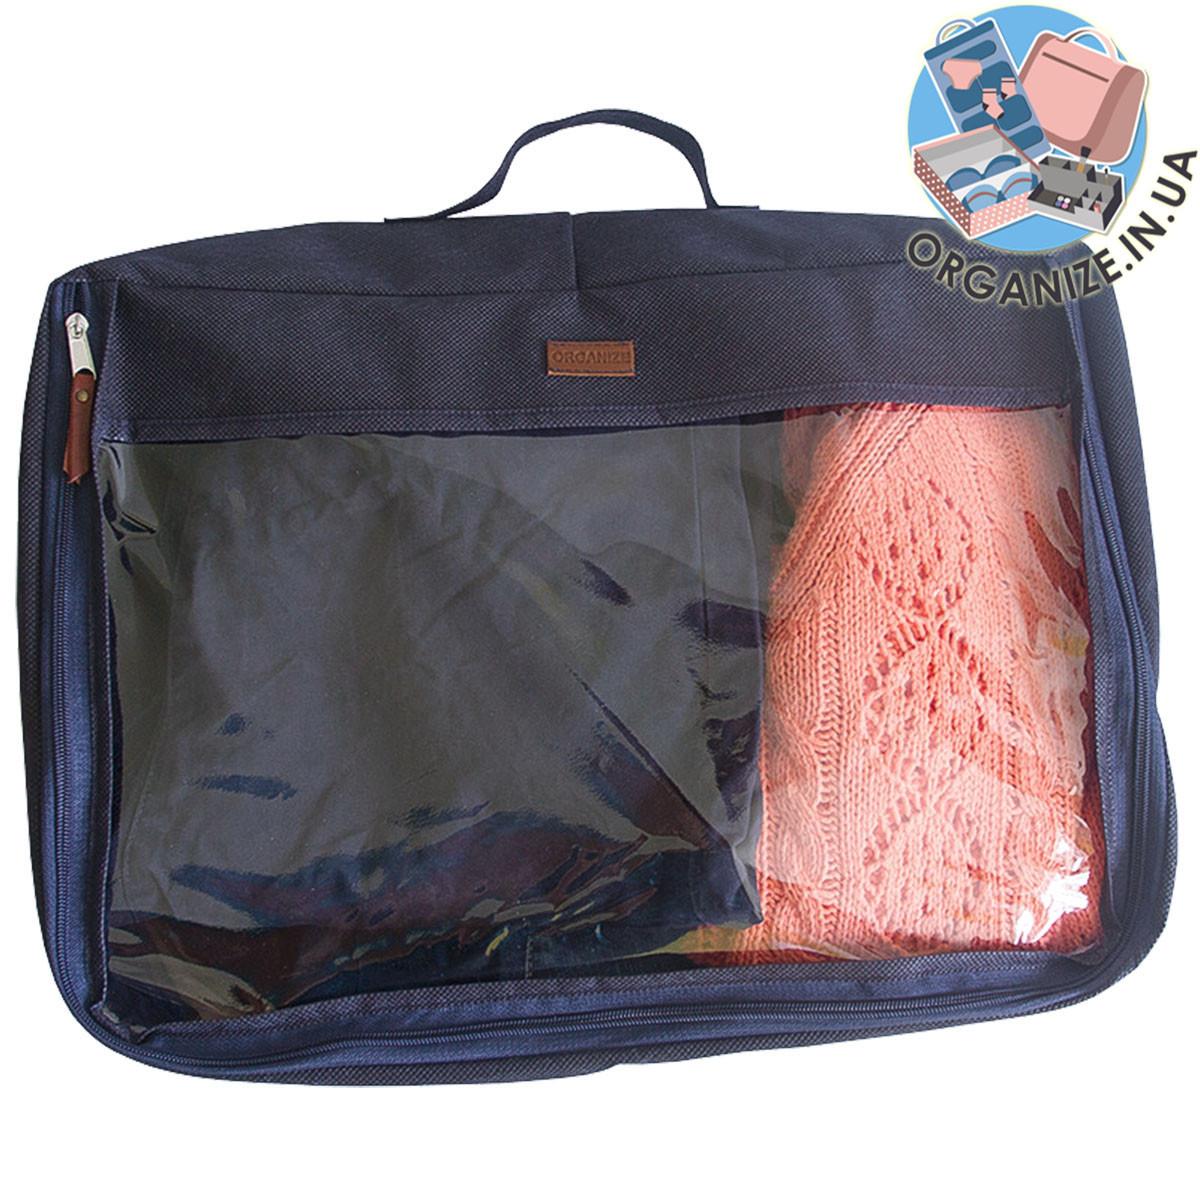 Большая дорожная сумка перевозки для вещей ORGANIZE (синий)